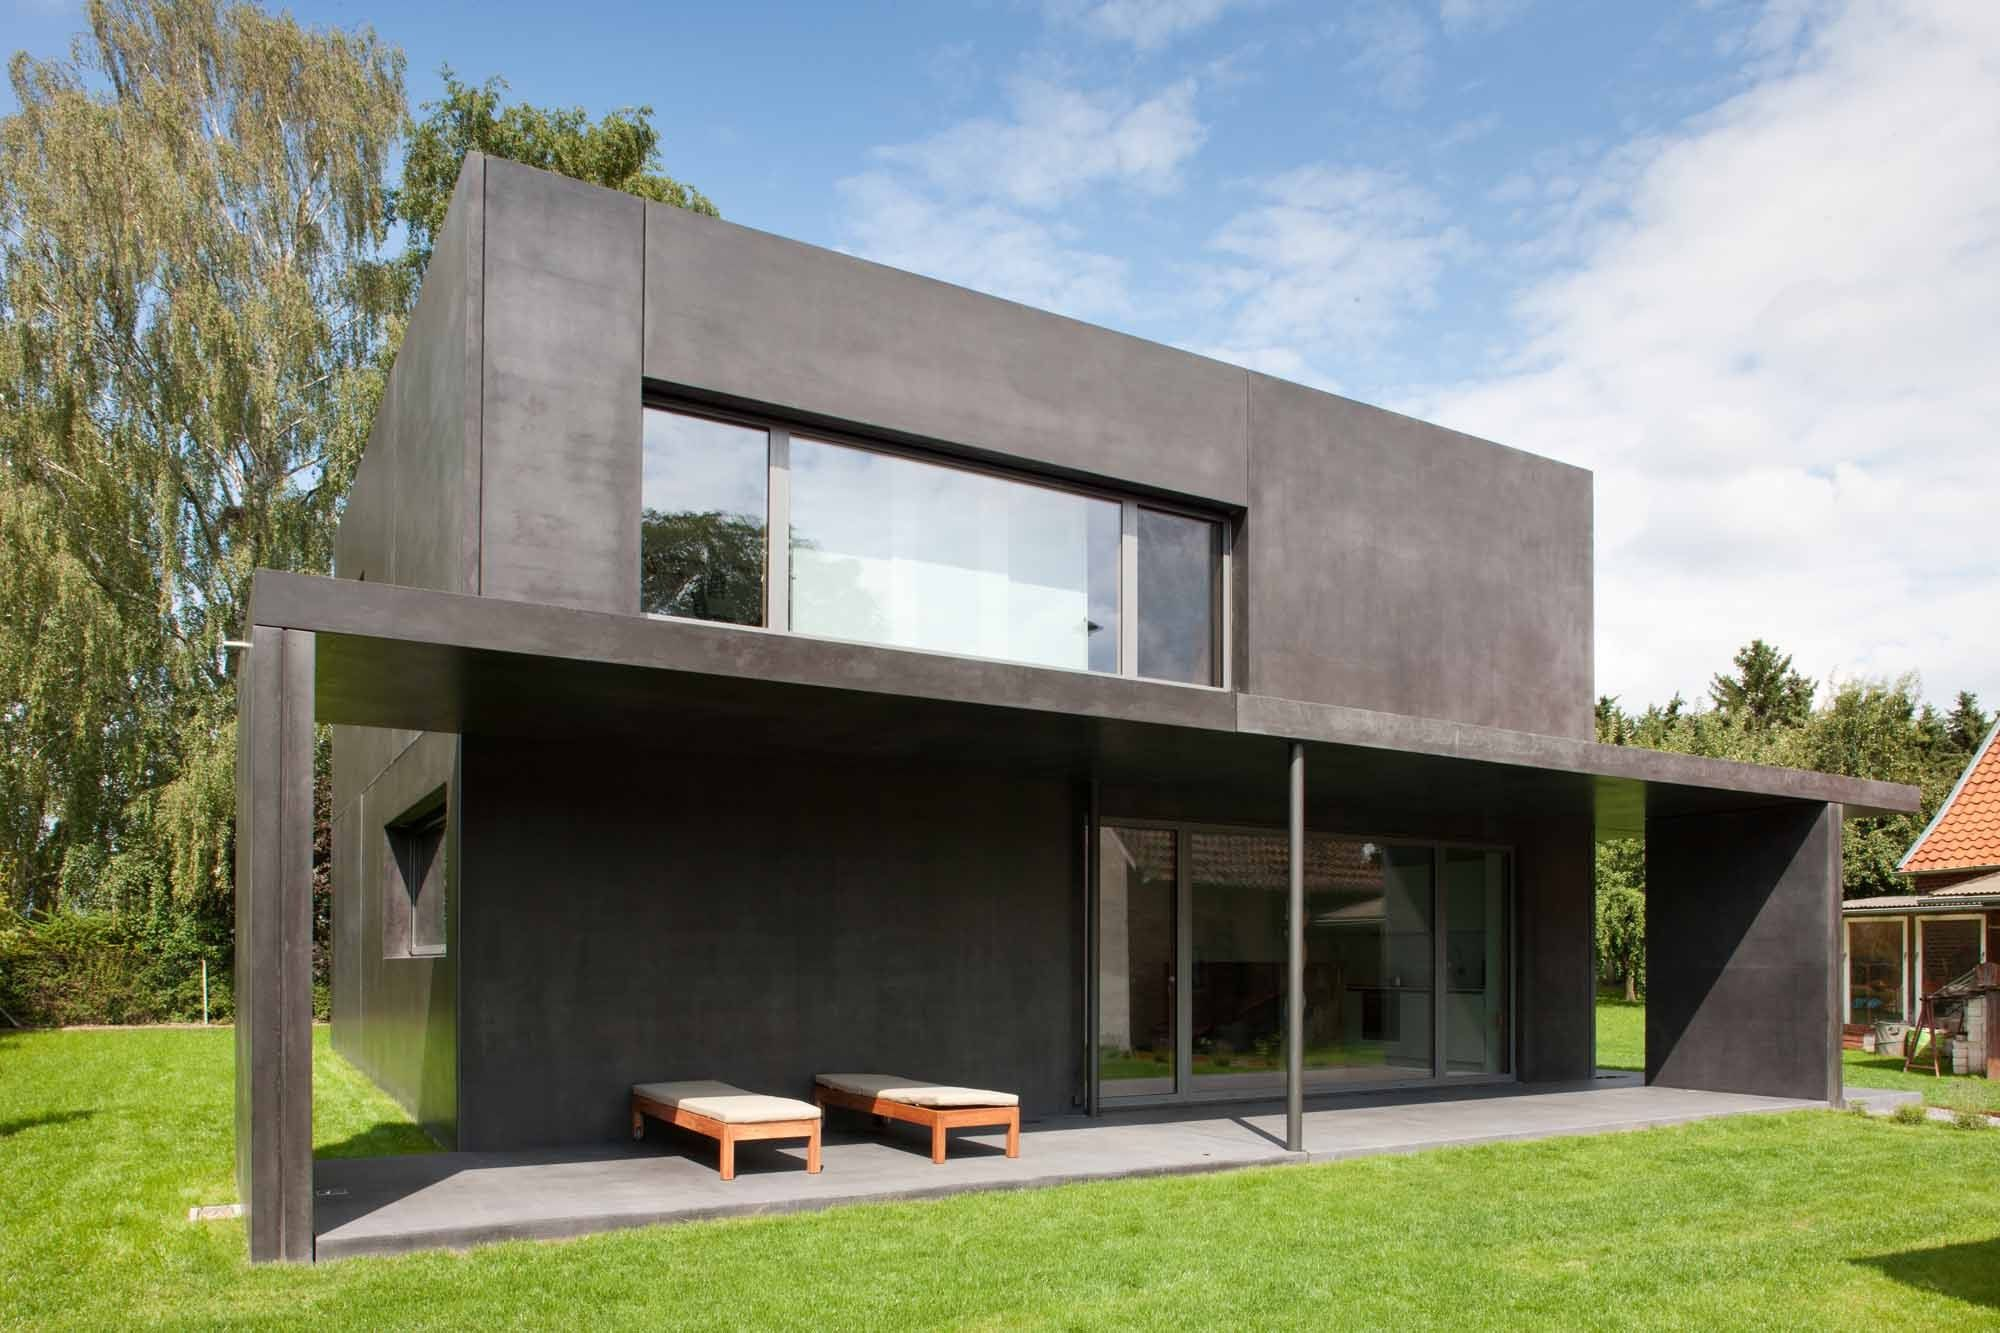 Vordach Beton bildergebnis für architektur vordach beton terrassenüberdachung